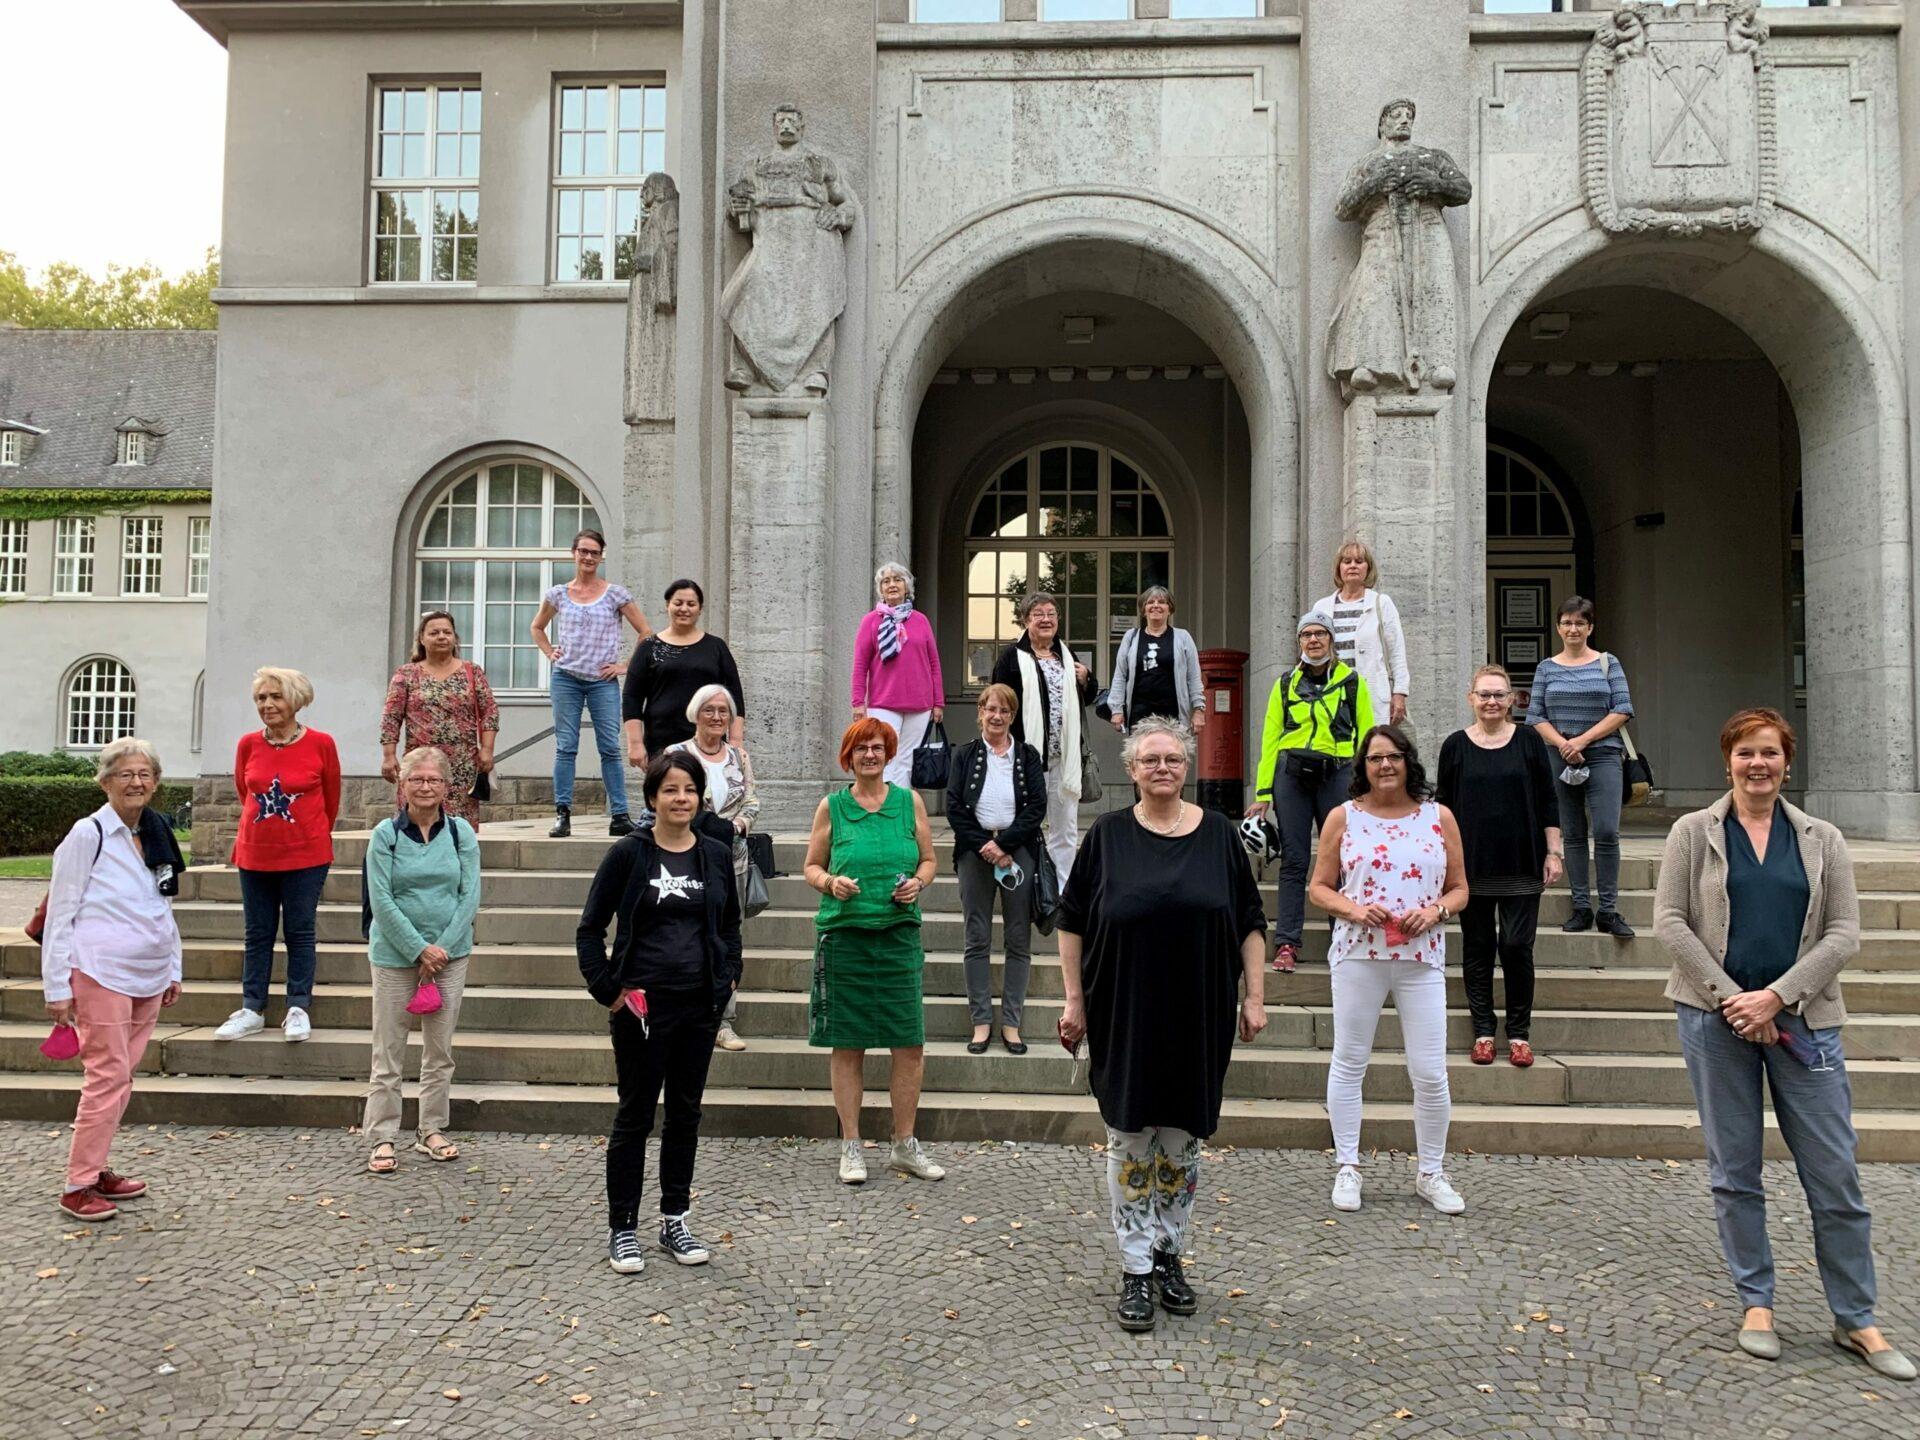 Frauenpower auf Rathaustreppe